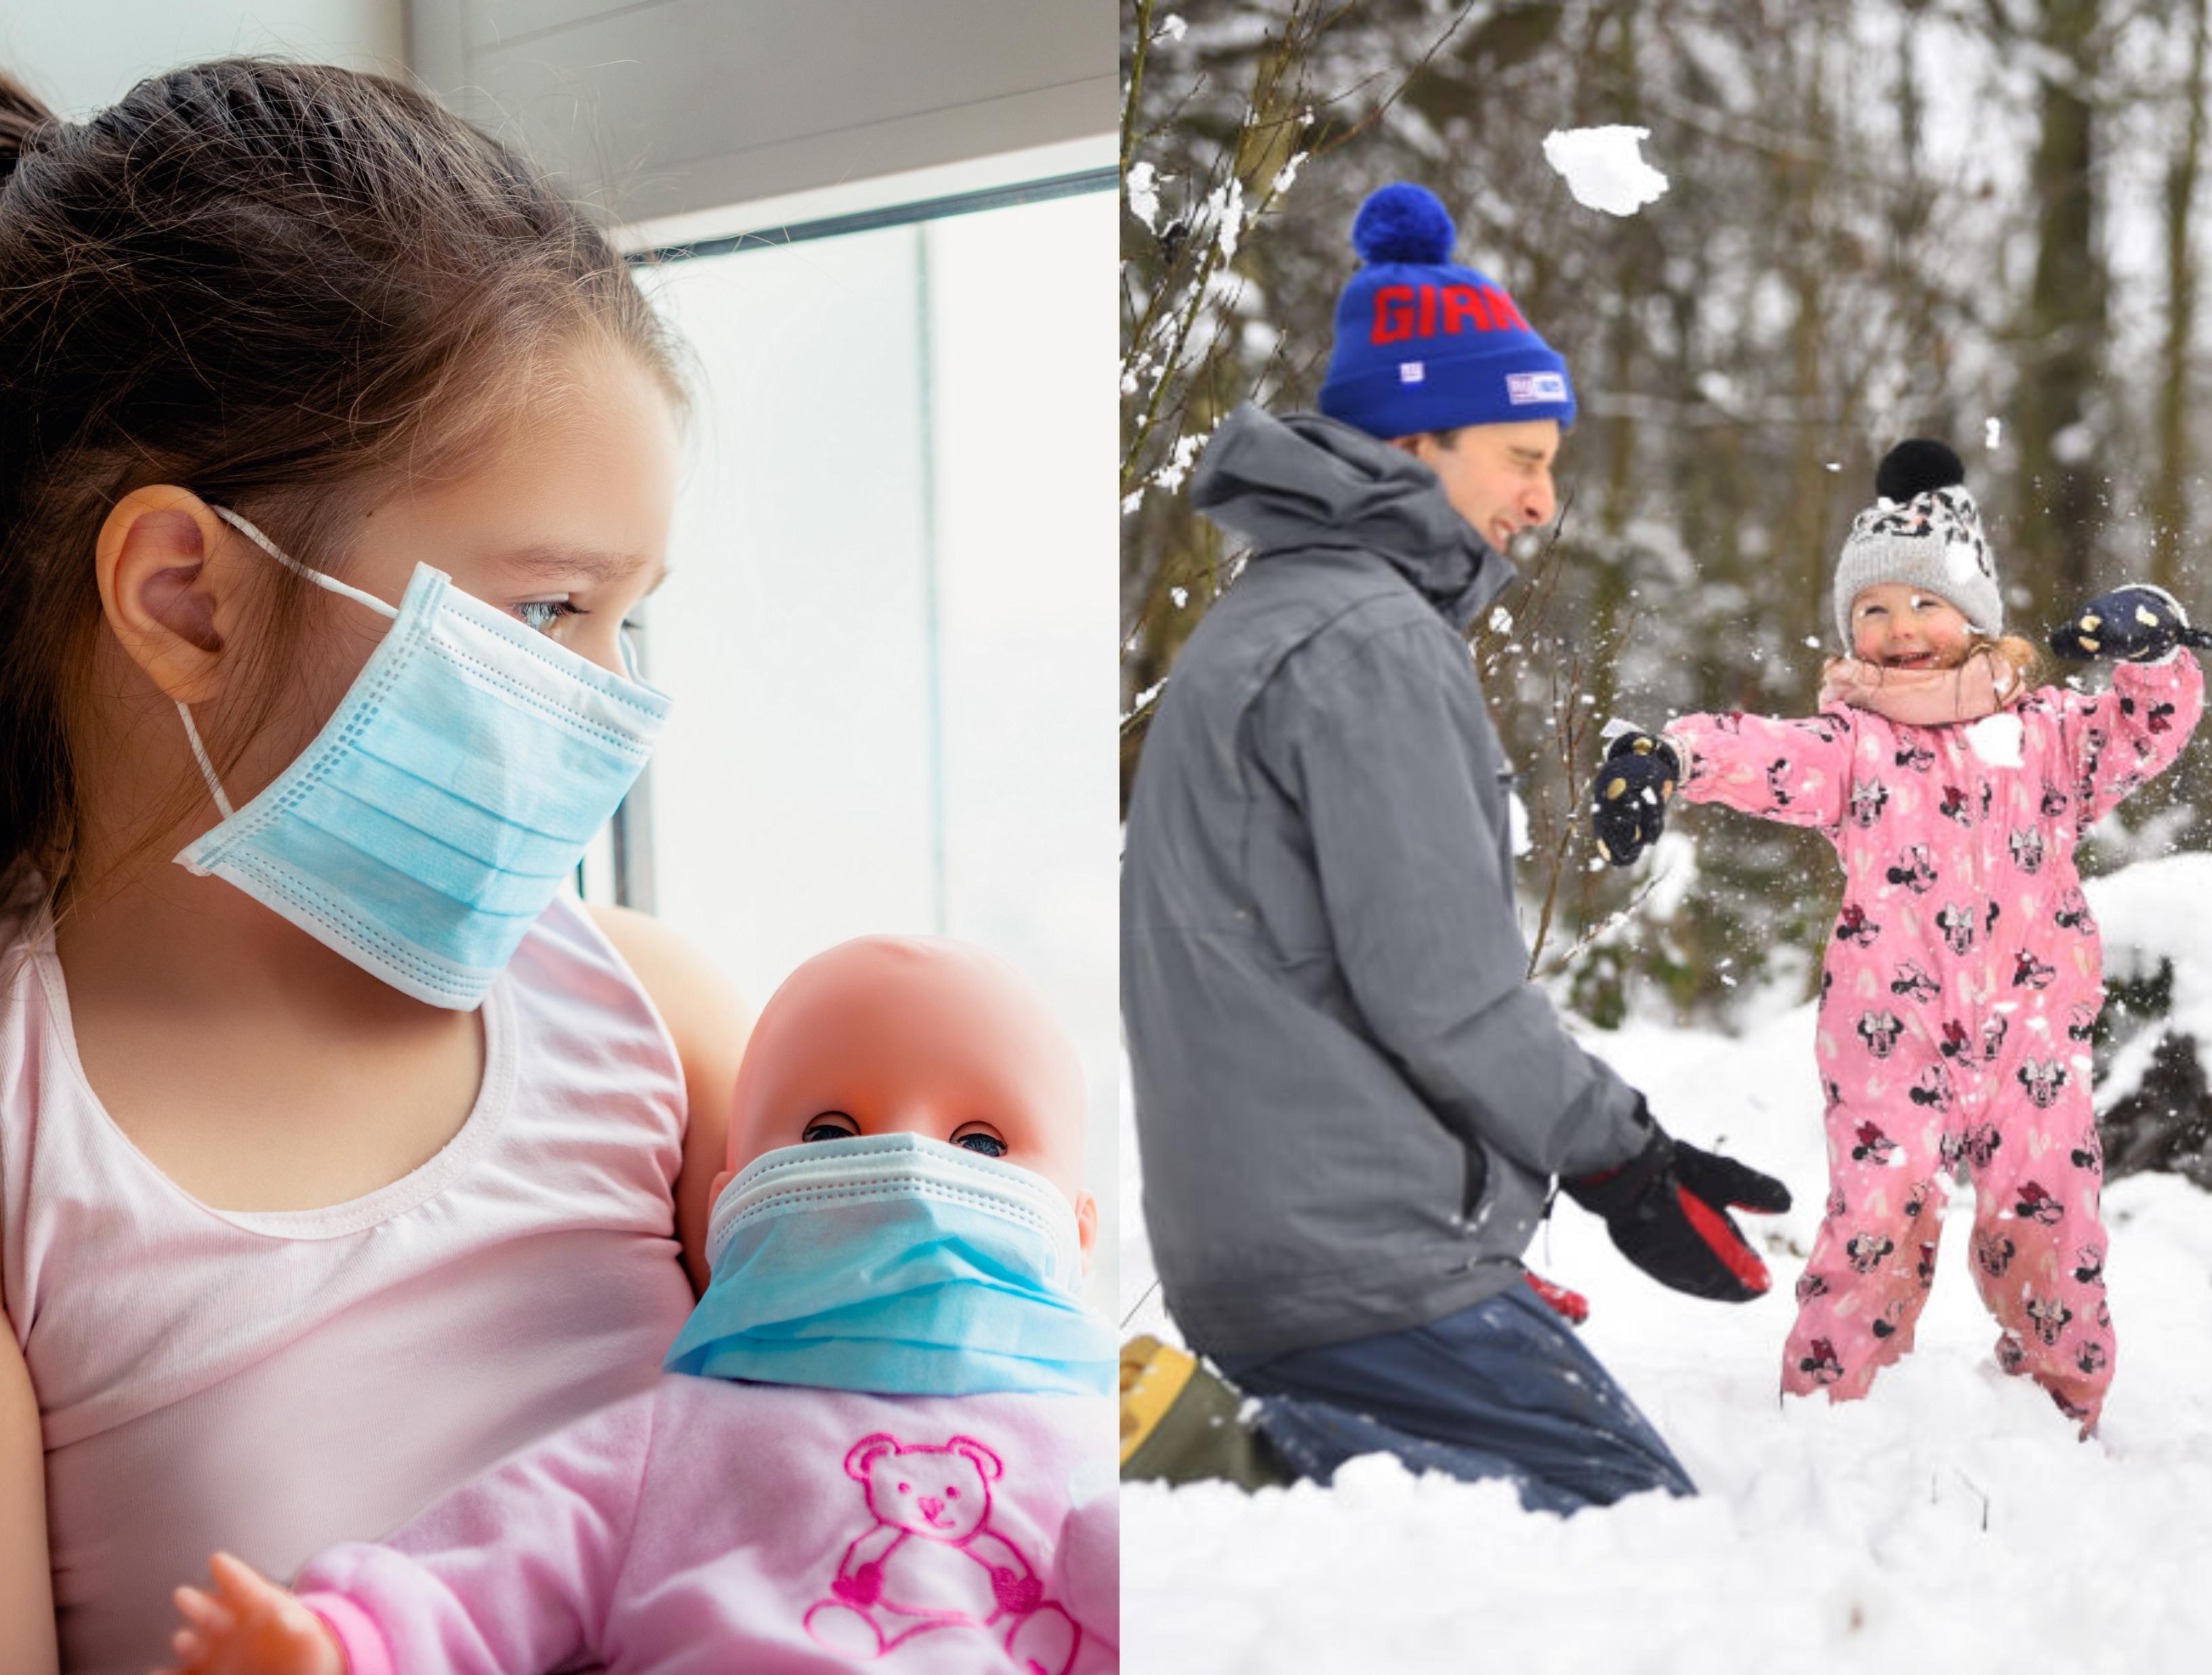 Carantină în România pentru pentru copiii care călătoresc alături de familia vaccinată într-o ţară cu incidenţa ridicată de Covid